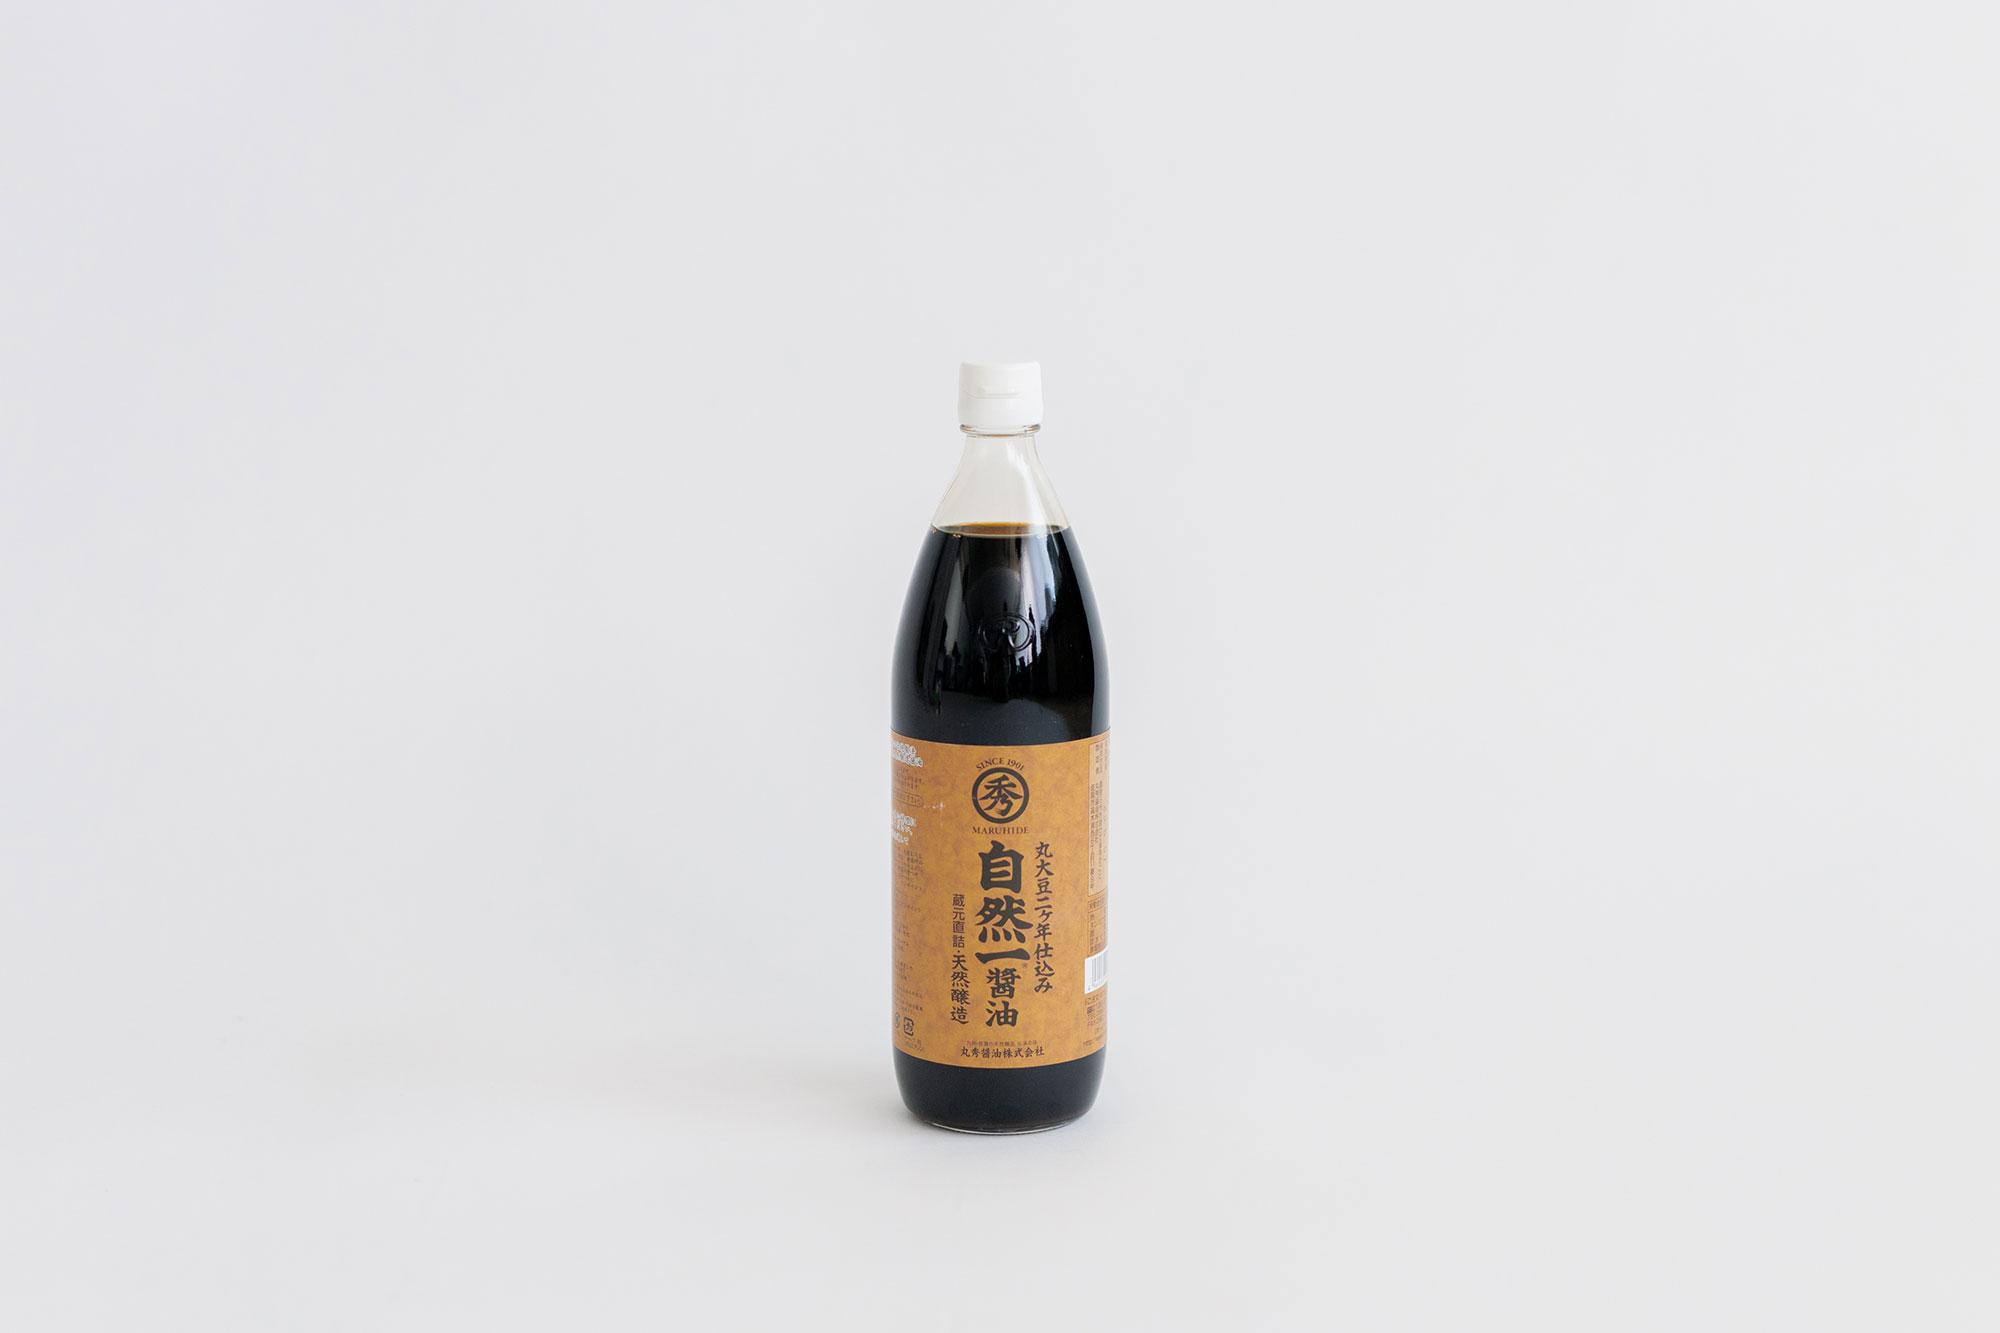 丸秀醤油 自然一醤油